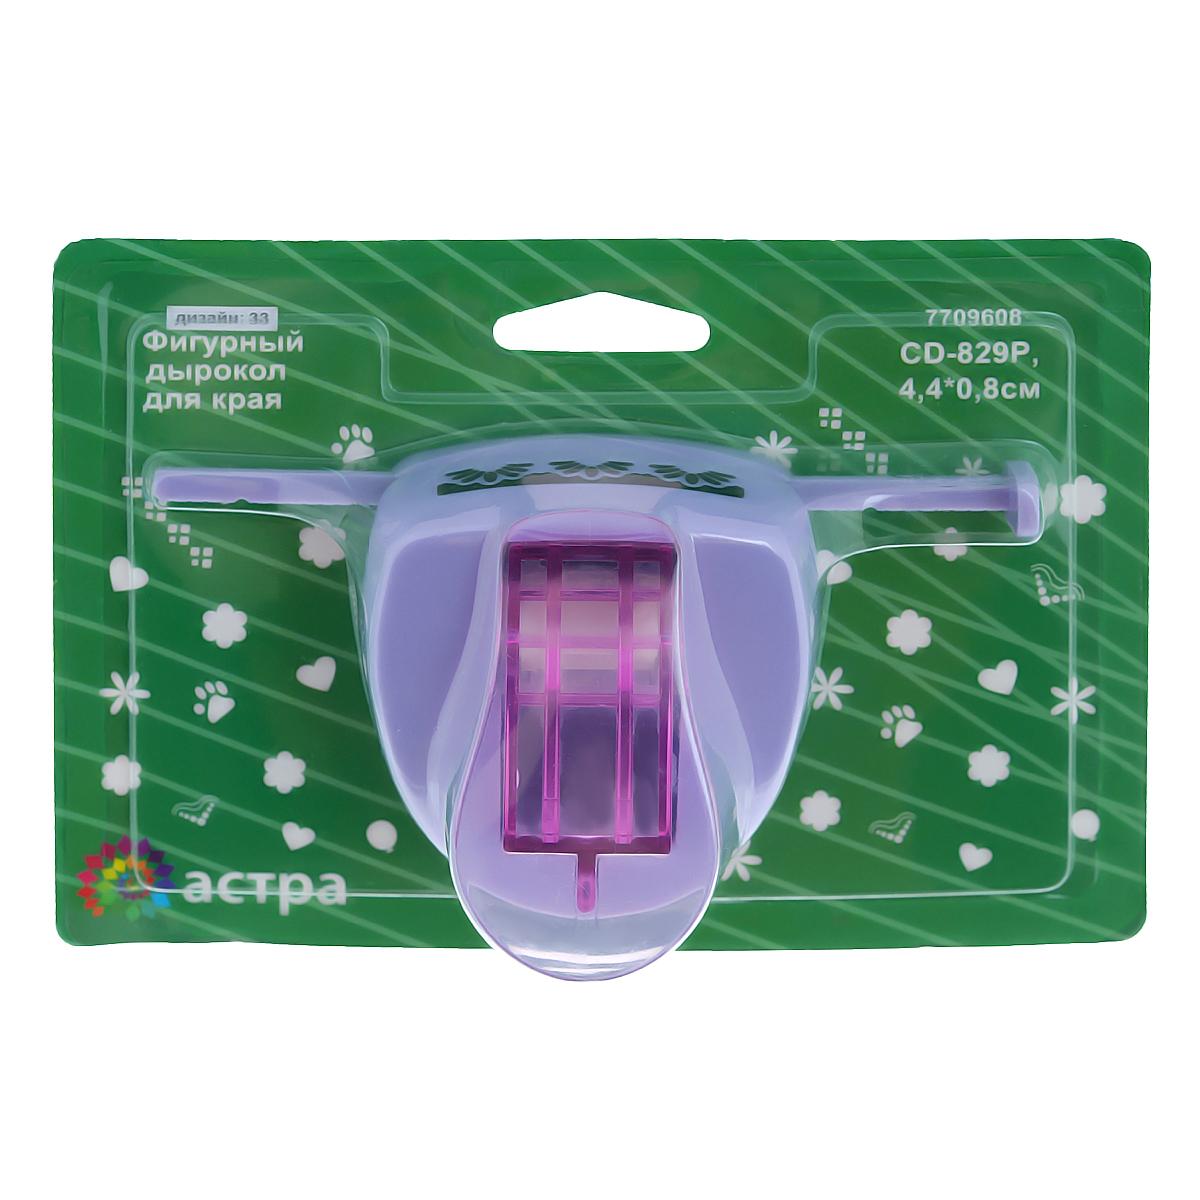 Дырокол фигурный Астра Орнамент, для края, №33FS-36052Дырокол Астра Орнамент поможет вам легко, просто и аккуратно вырезать много одинаковых мелких фигурок. Встроенная линейка позволяет точно измерять расстояние от края листа.Режущие части компостера закрыты пластмассовым корпусом, что обеспечивает безопасность для детей. Можно использовать вырезанные мотивы как конфетти или для наклеивания. Дырокол подходит для разных техник: декупажа, скрапбукинга, декорирования.Размер дырокола: 13 см х 7 см х 5 см.